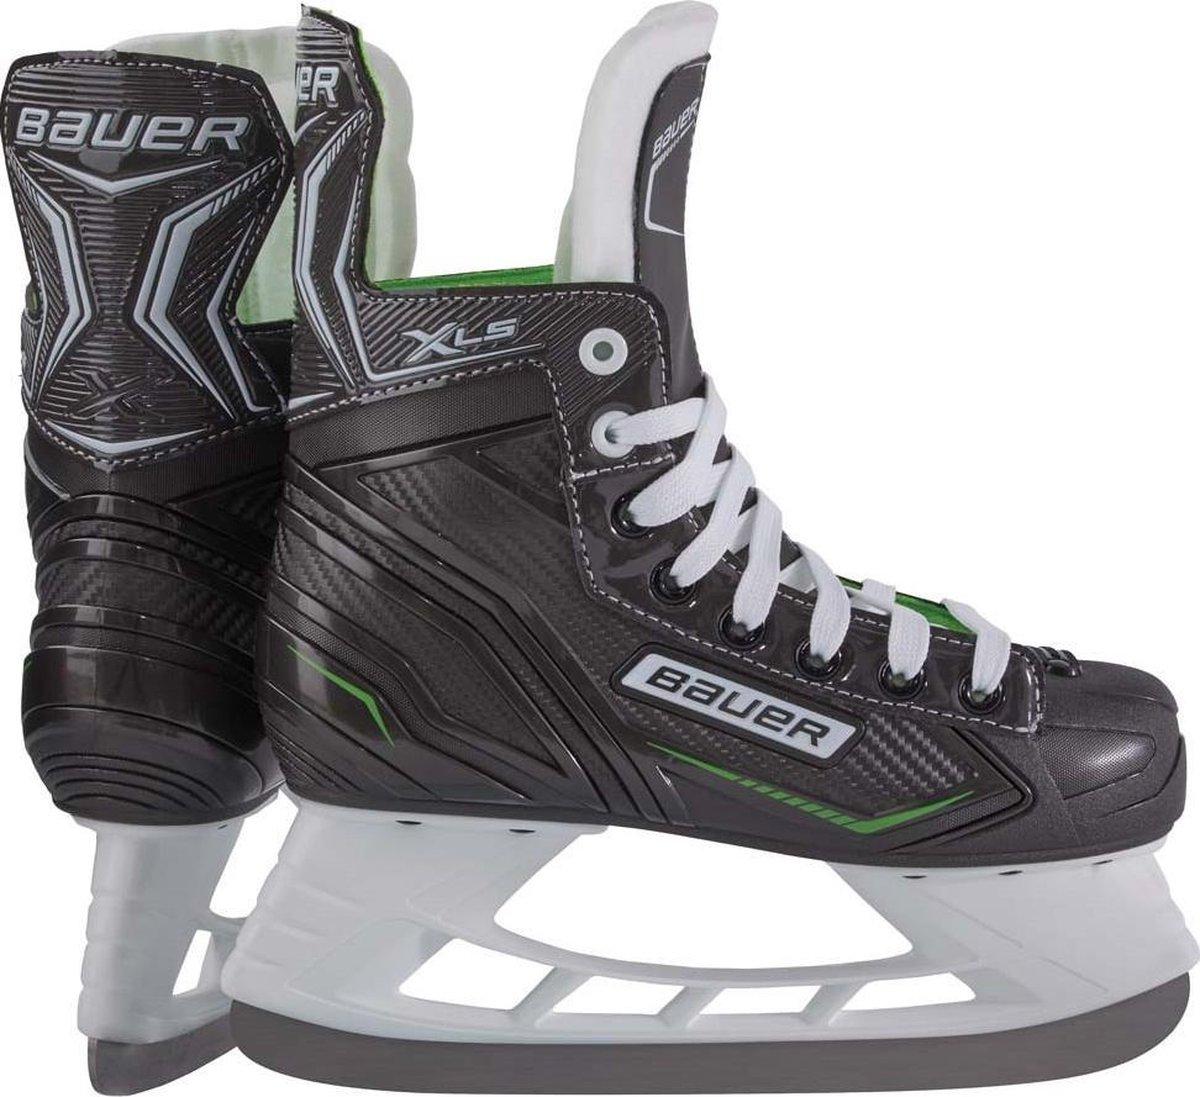 Bauer Ijshockeyschaatsen X-ls Junior Microfiber Zwart/groen Mt 35